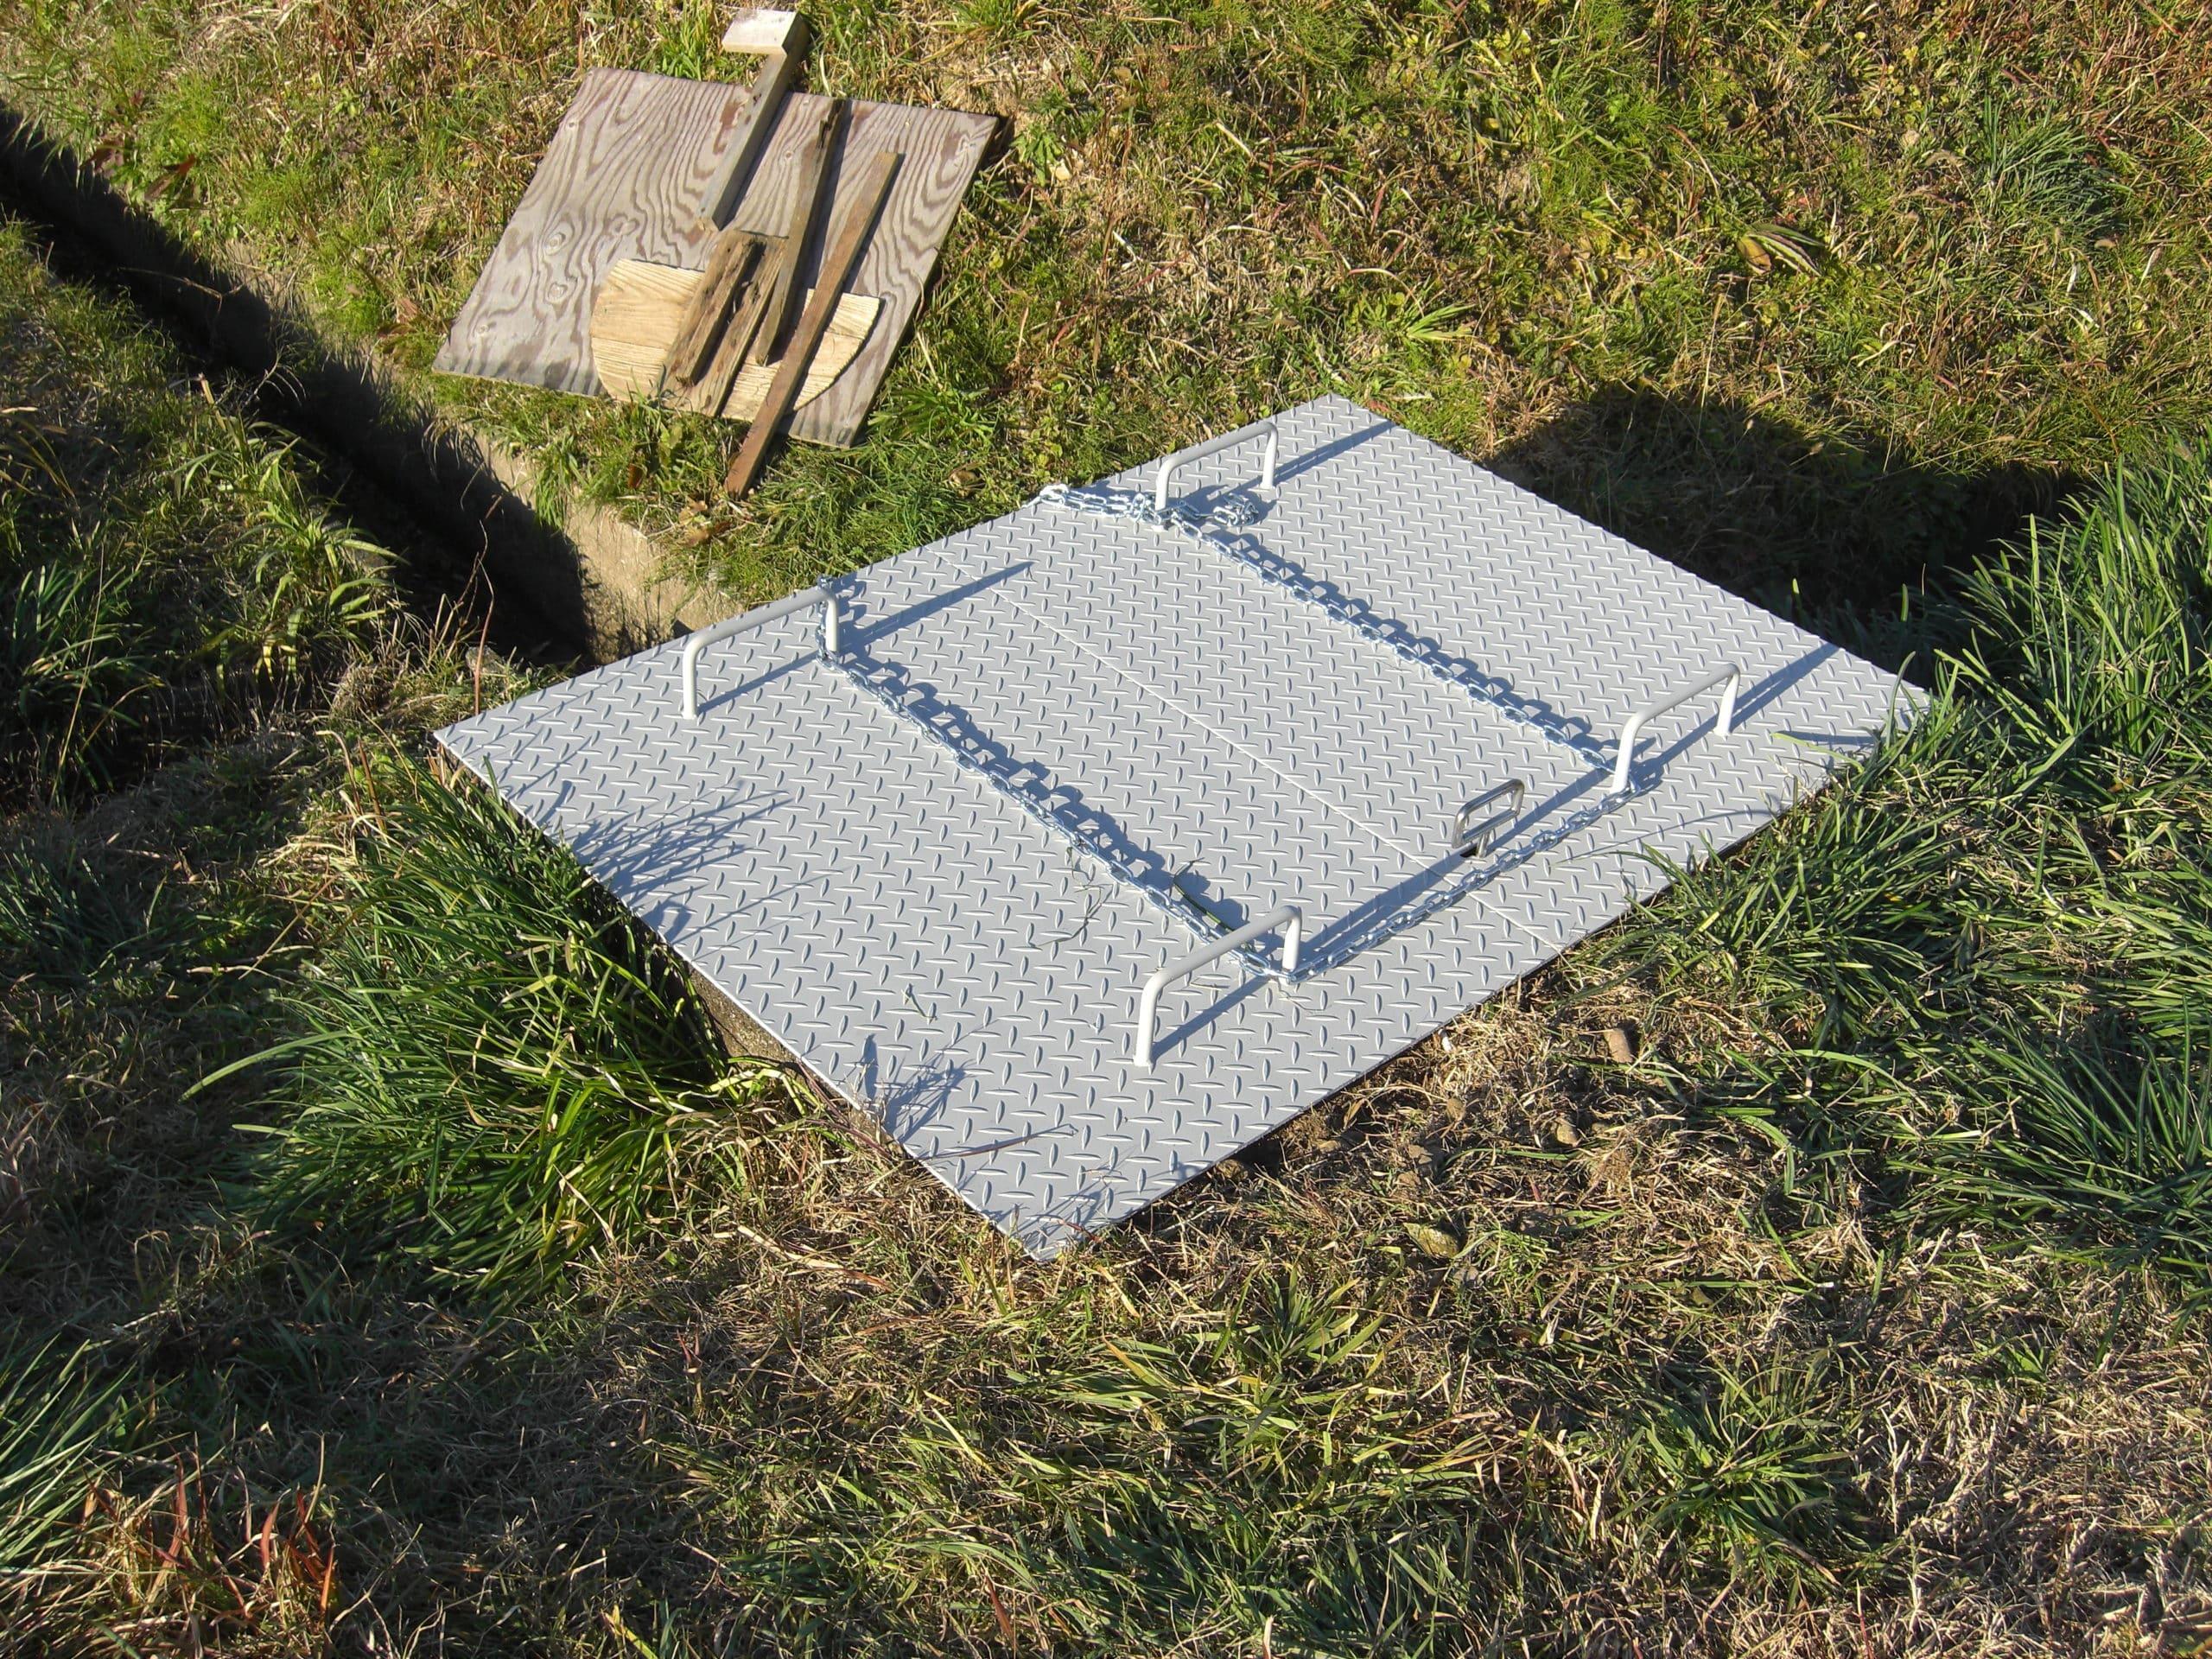 鋼製の溝蓋を設置しました。子供たちの転落防止措置です。